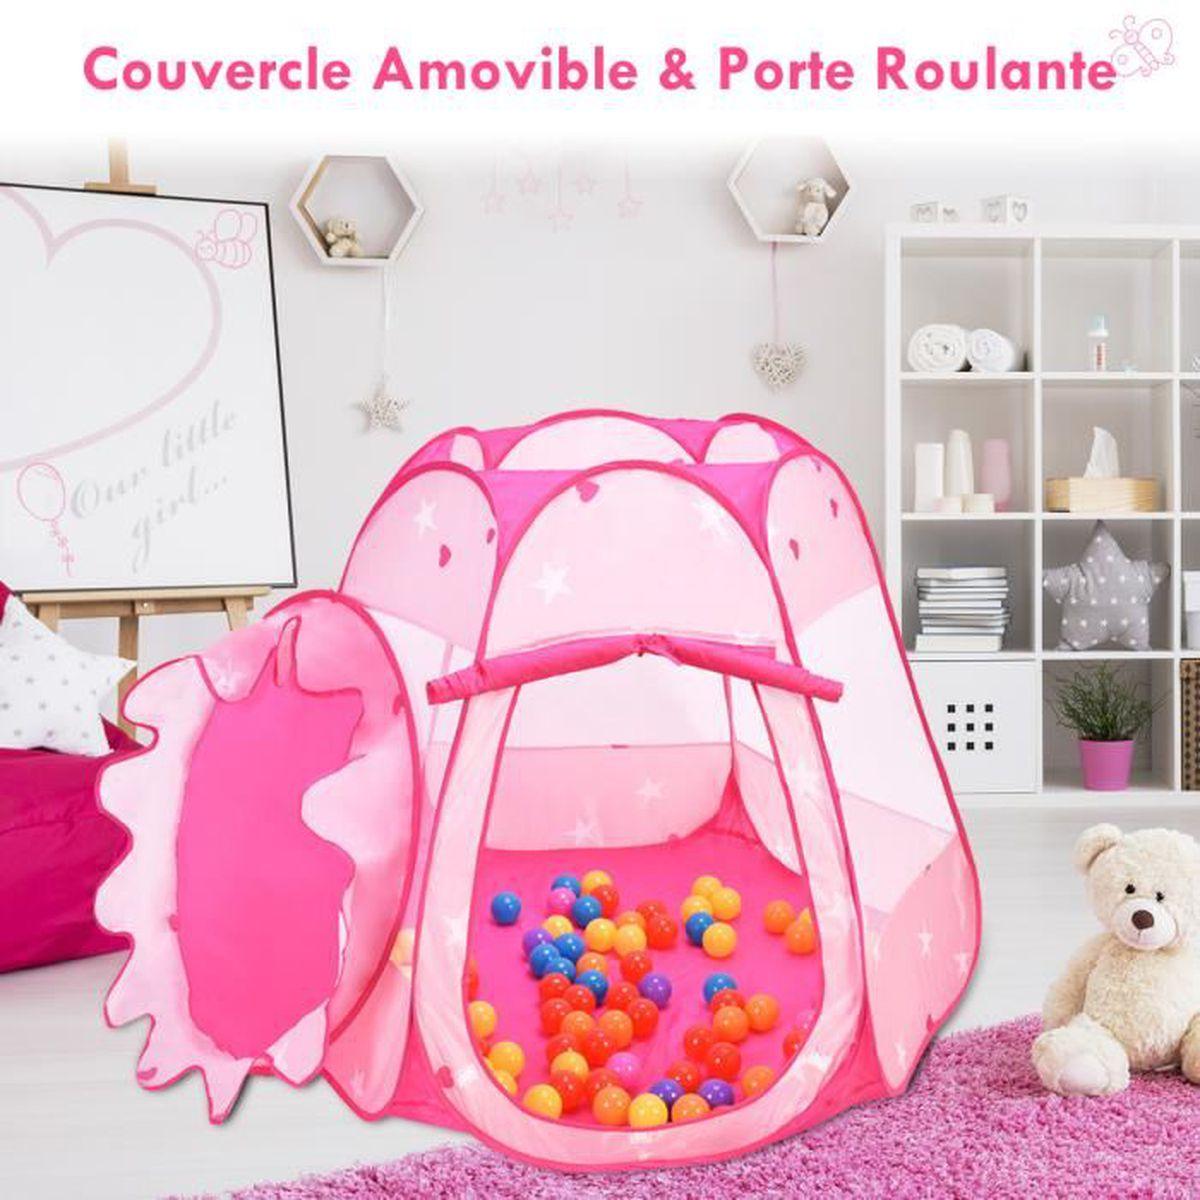 tente de jeu pour enfants maison jouet b b pop up 100 boules a picines boules achat vente. Black Bedroom Furniture Sets. Home Design Ideas